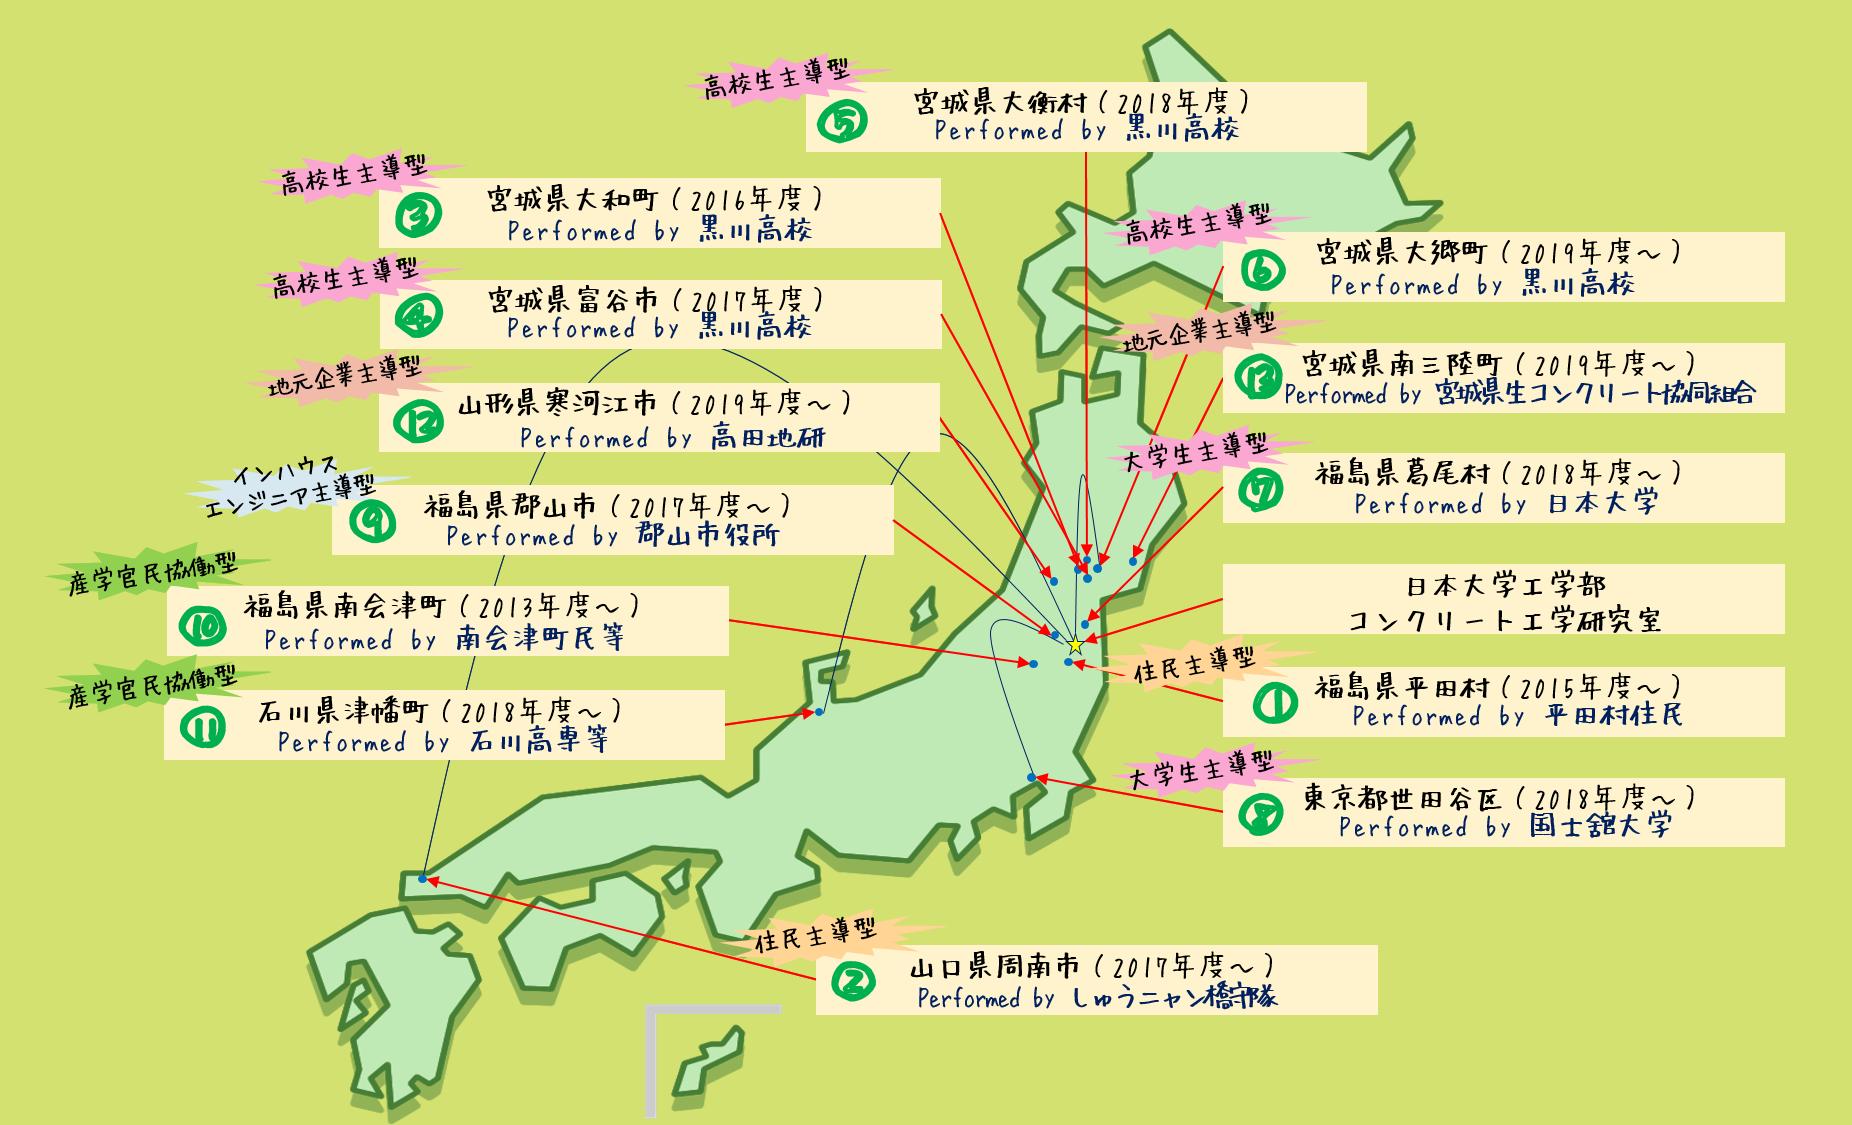 橋メンテネットマップ